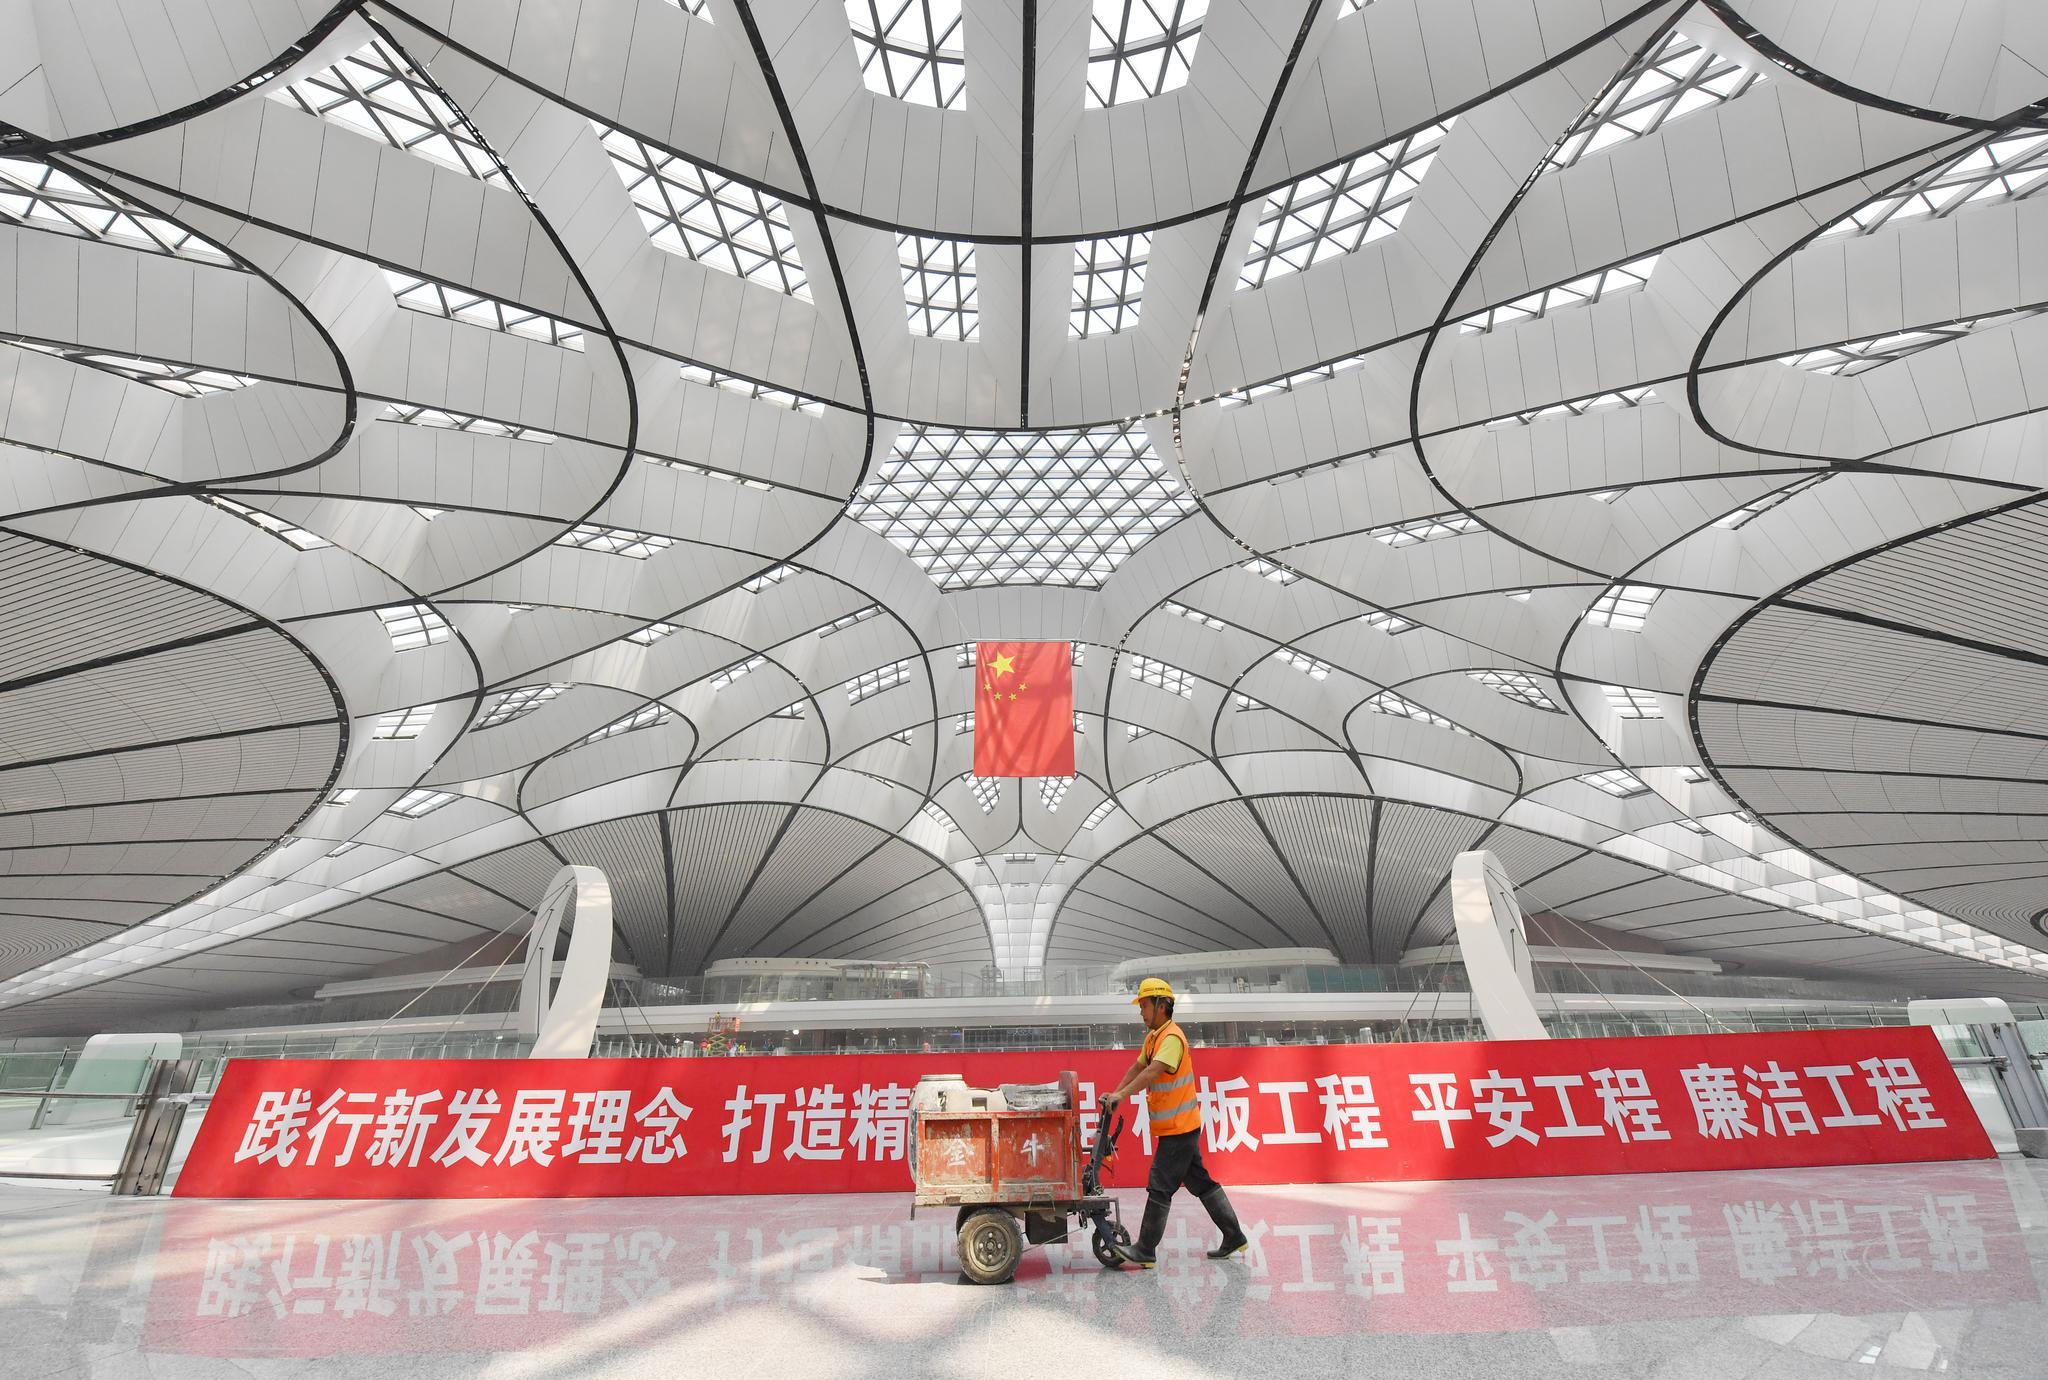 保洁人员将对航站楼进行整体清洁。摄影/新京报记者李木易